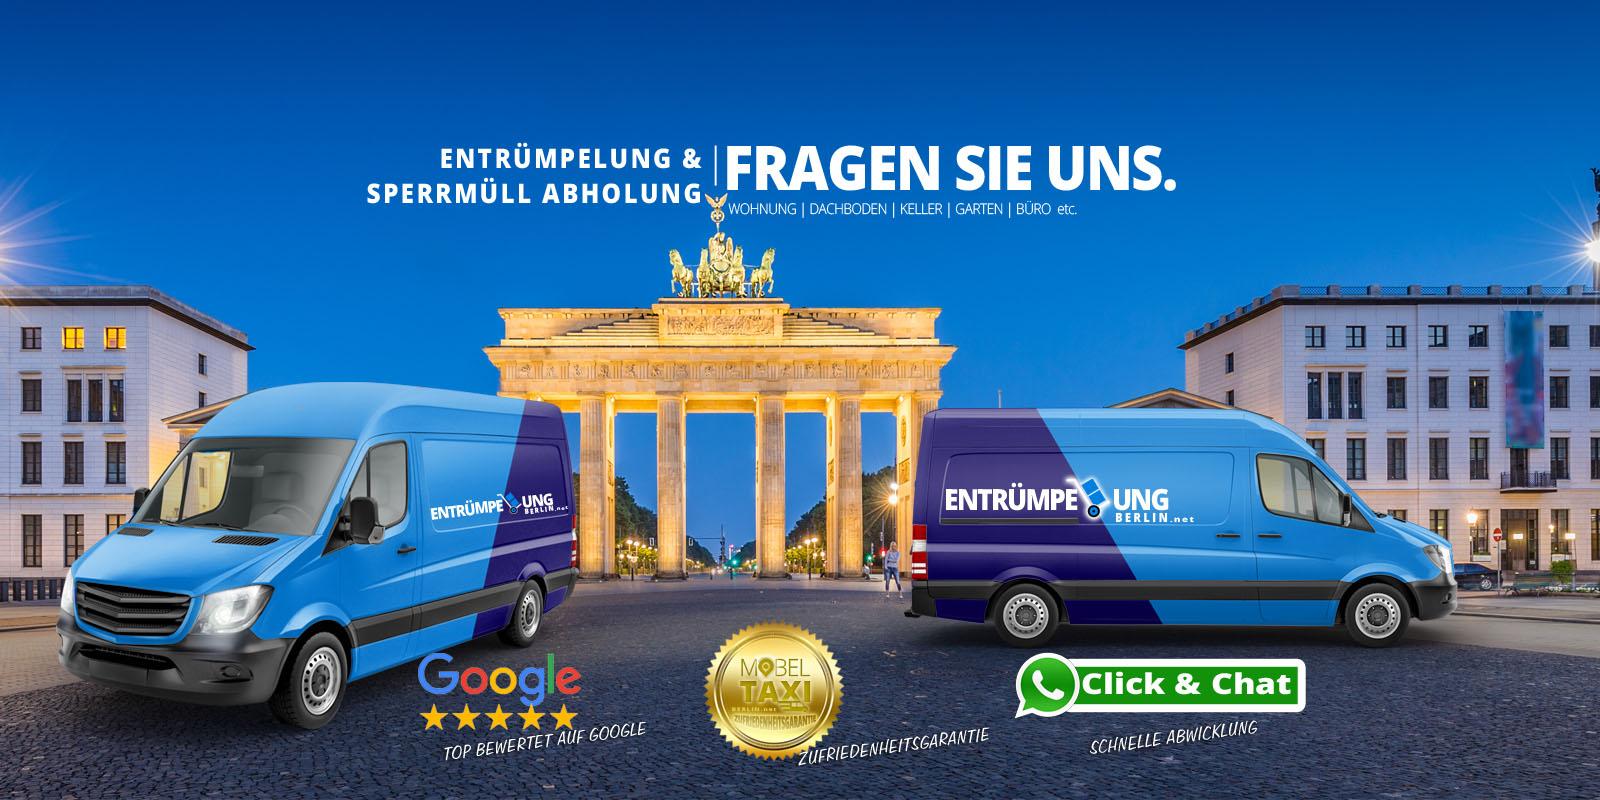 Entruempelung Berlin